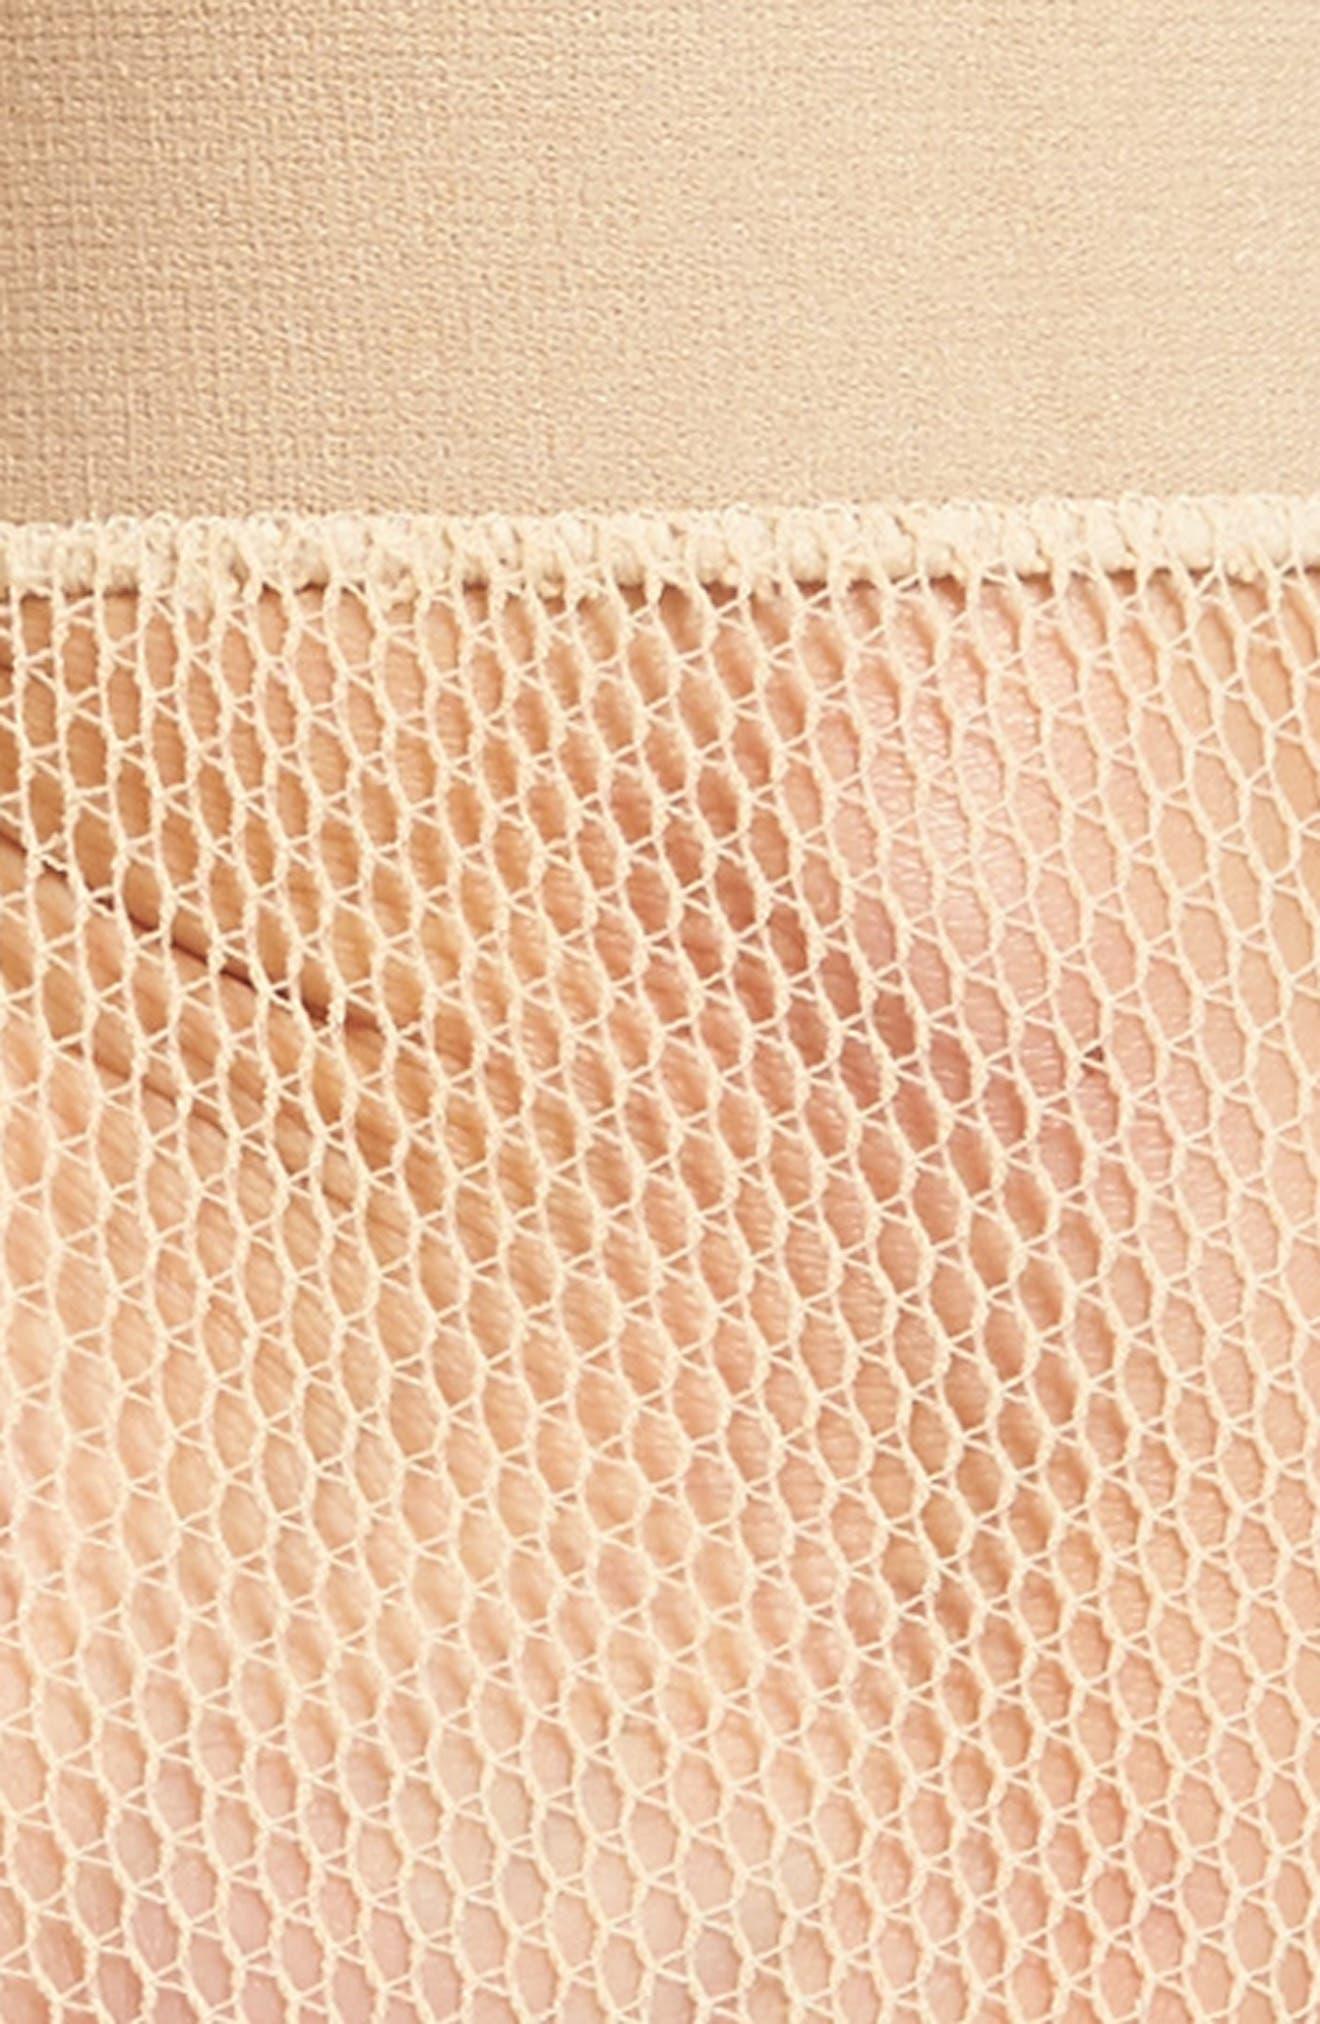 Alternate Image 2  - Hue Fishnet Ankle Socks